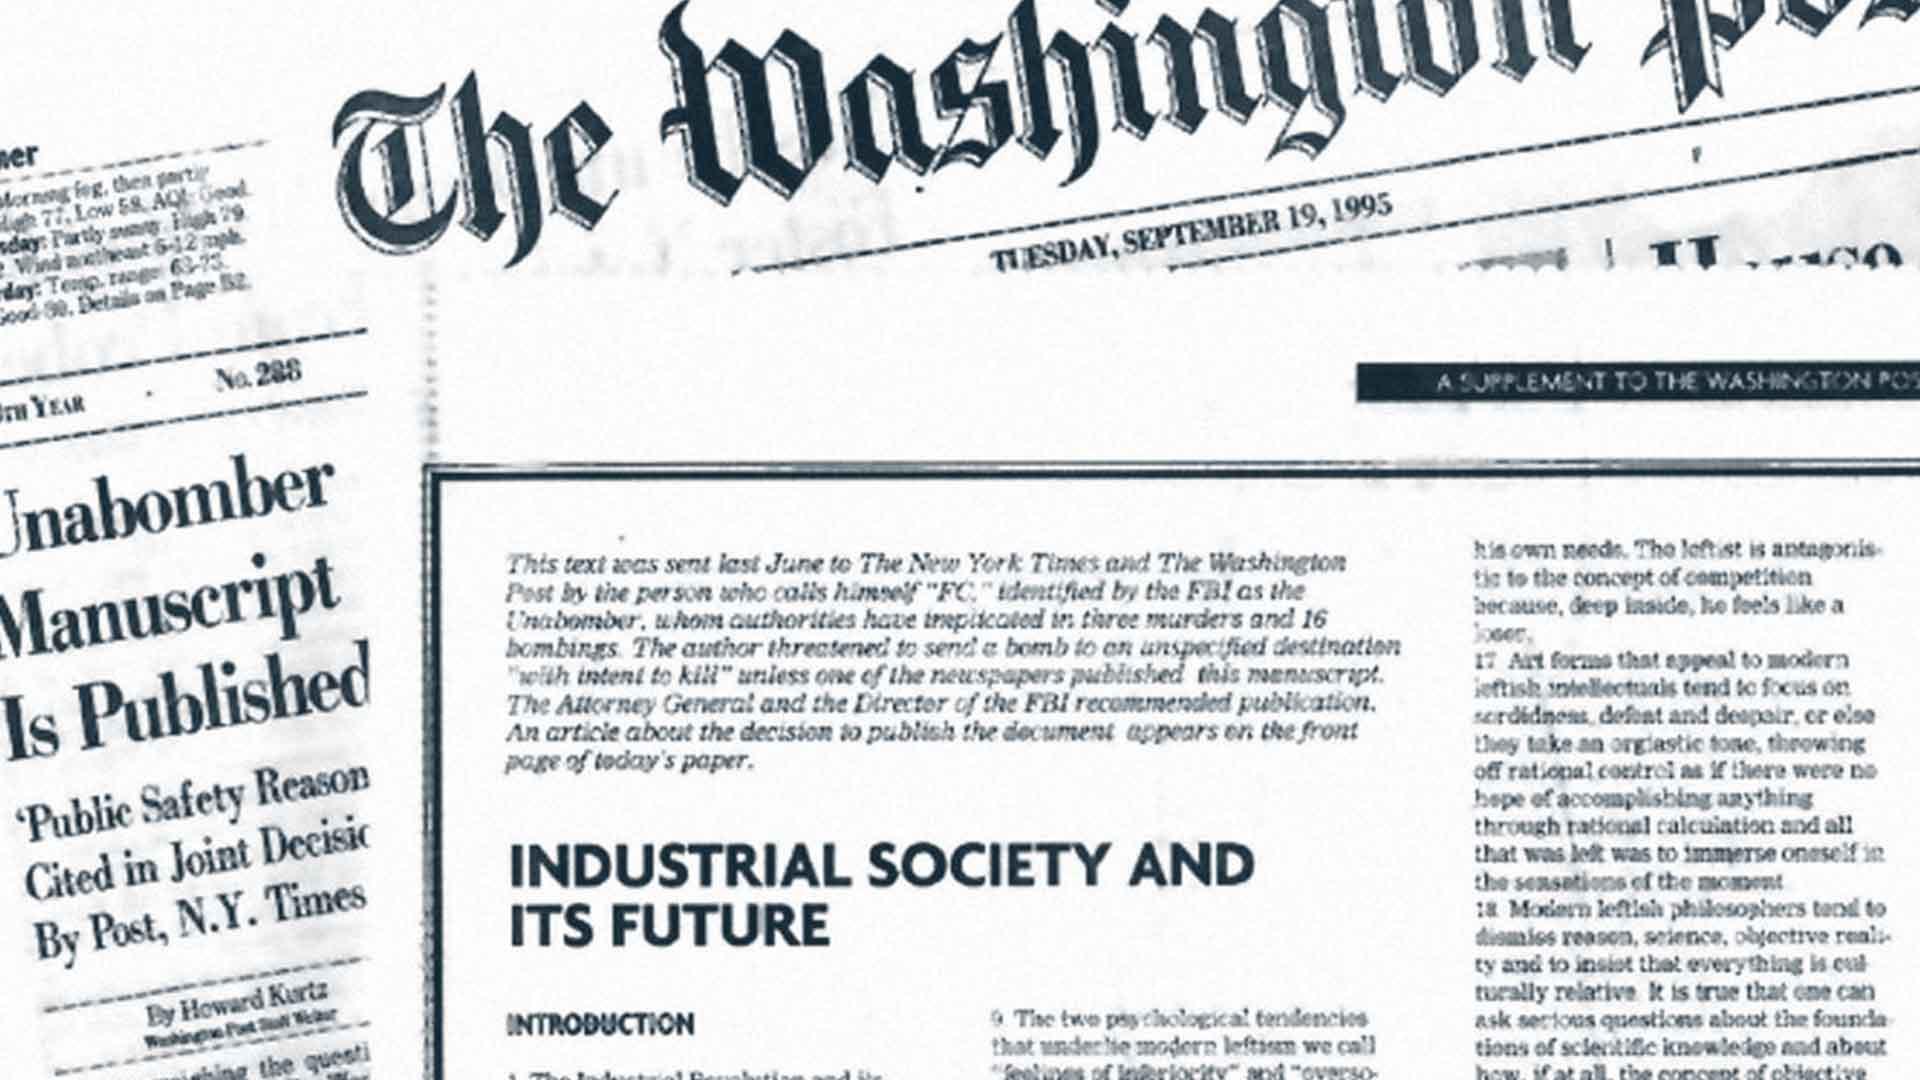 Il Washington Post pubblicò Industrial Society and its future di Unabomber il 19 settembre del 1995